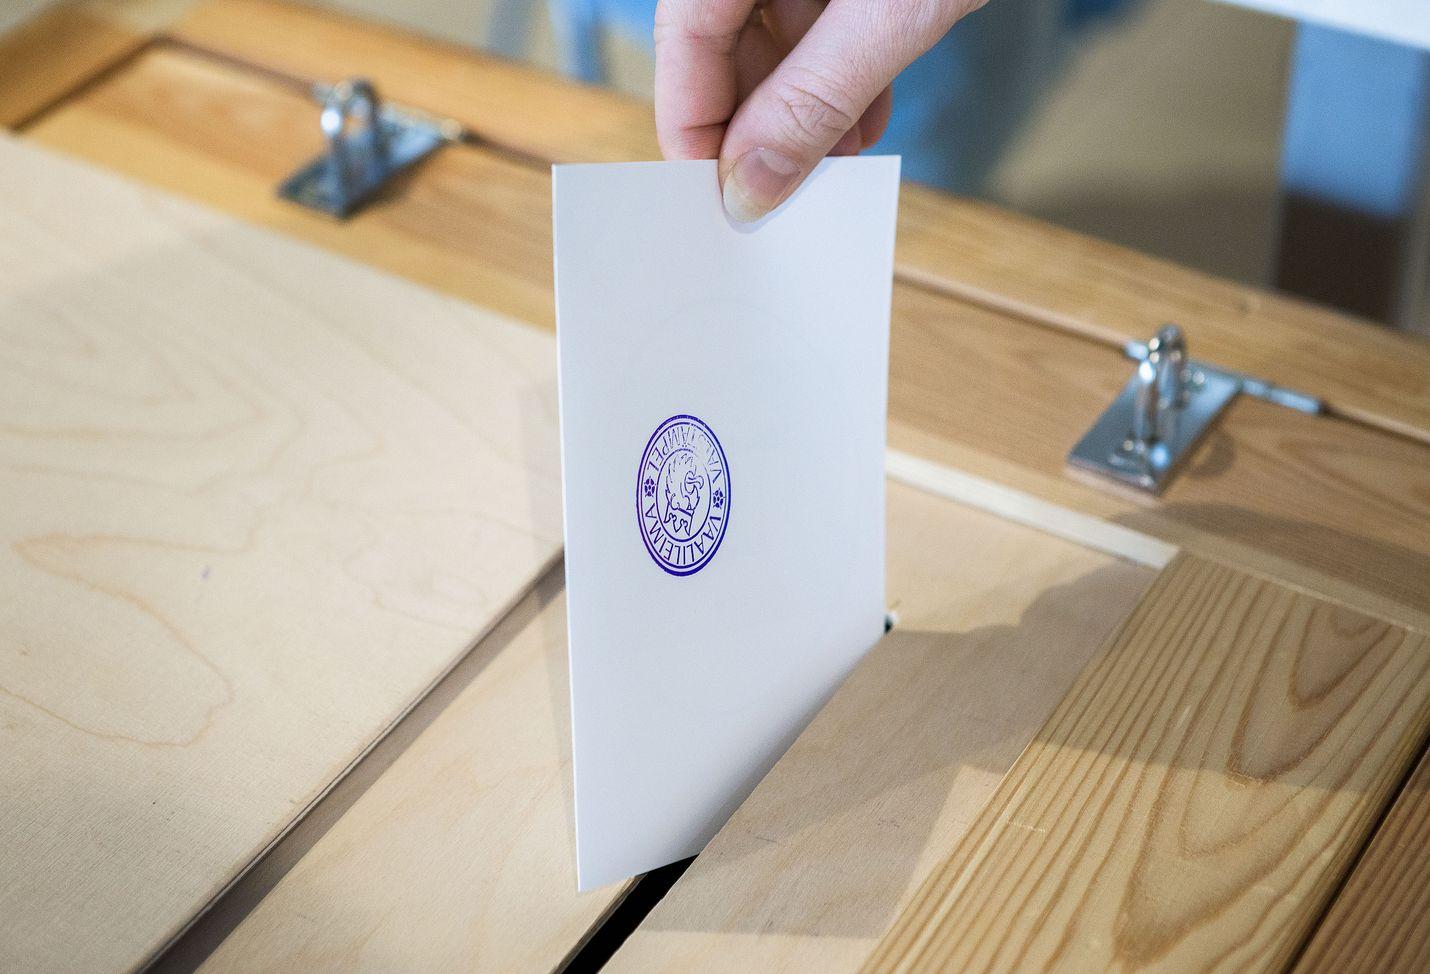 Jo 63 prosenttia 18–34-vuotiaista oli vuonna 2019 liikkuvia äänestäjiä. Vuonna 2015 vastaava luku oli 56 prosenttia.